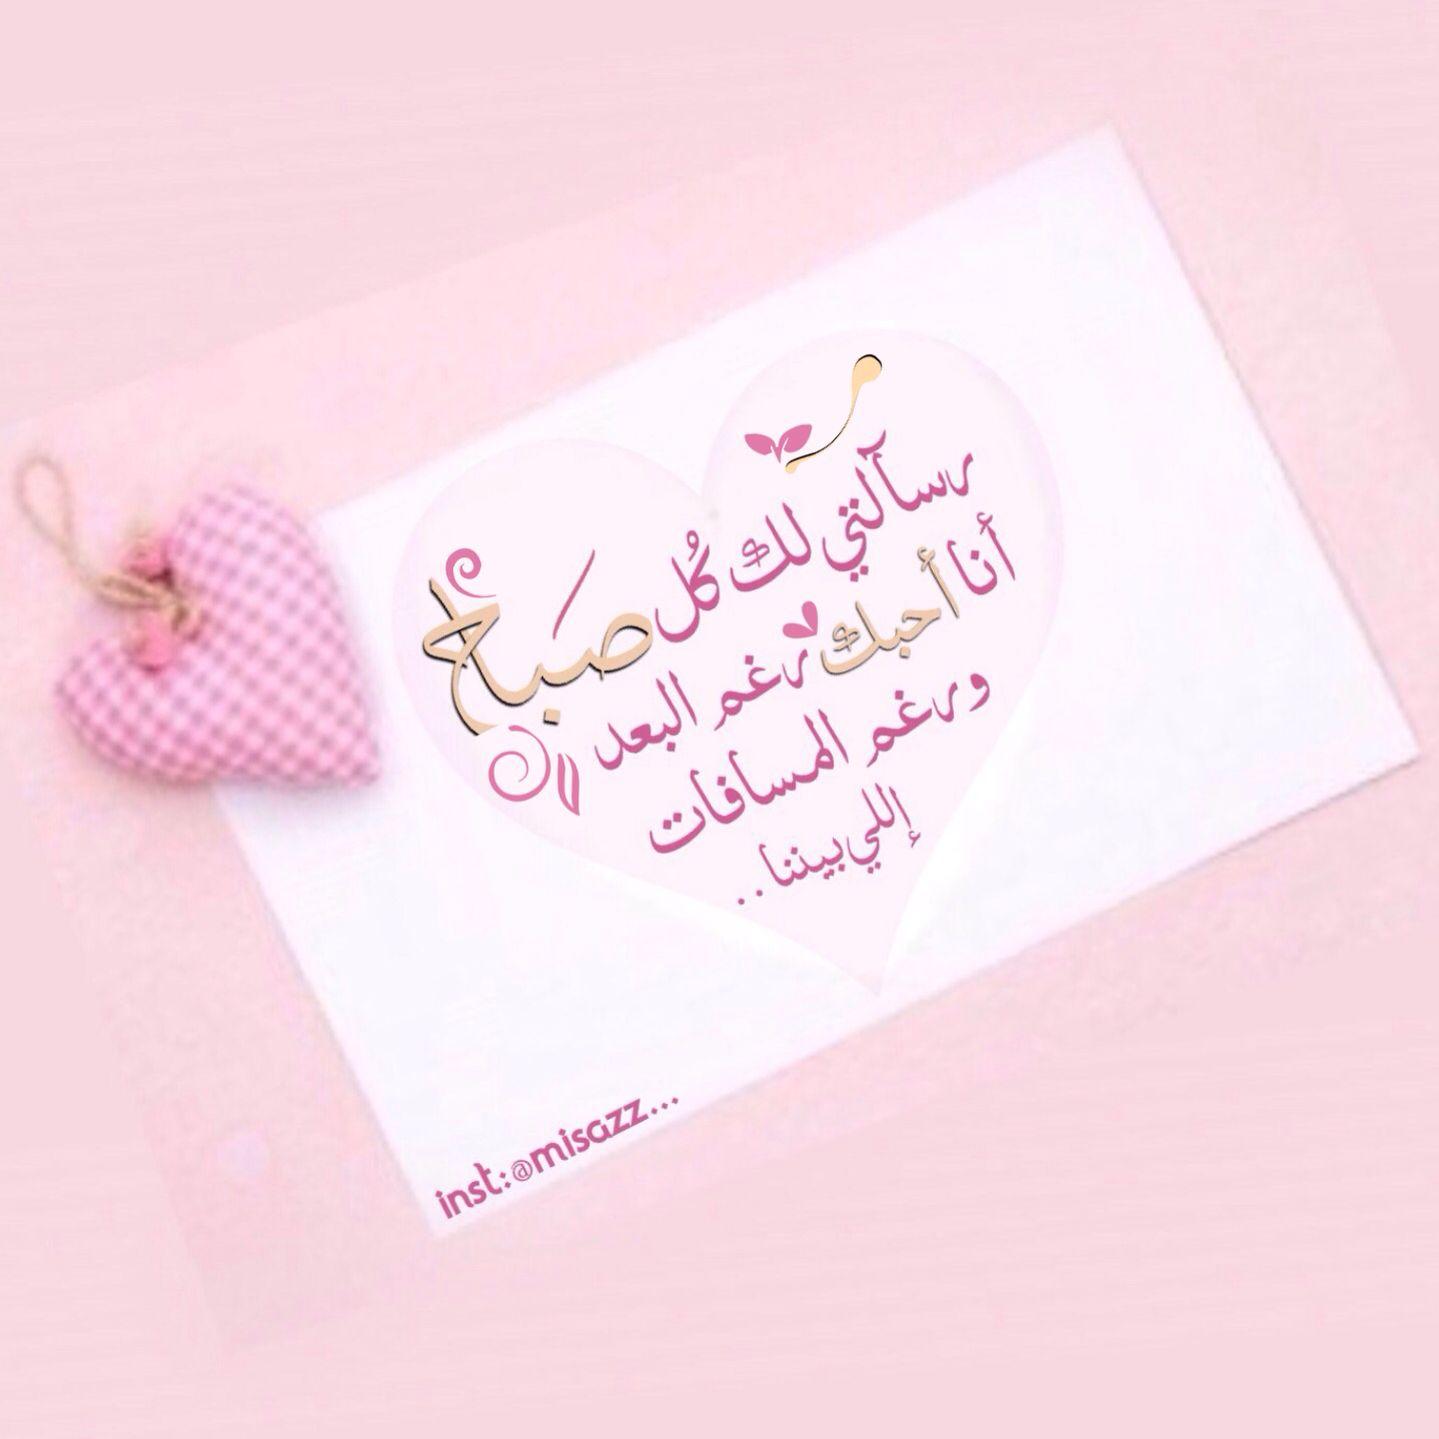 رسالتي لك كل صباح أنا احبك رغم البعد ورغم المسافات إللي بيننا حب Best Love Place Card Holders Good Morning